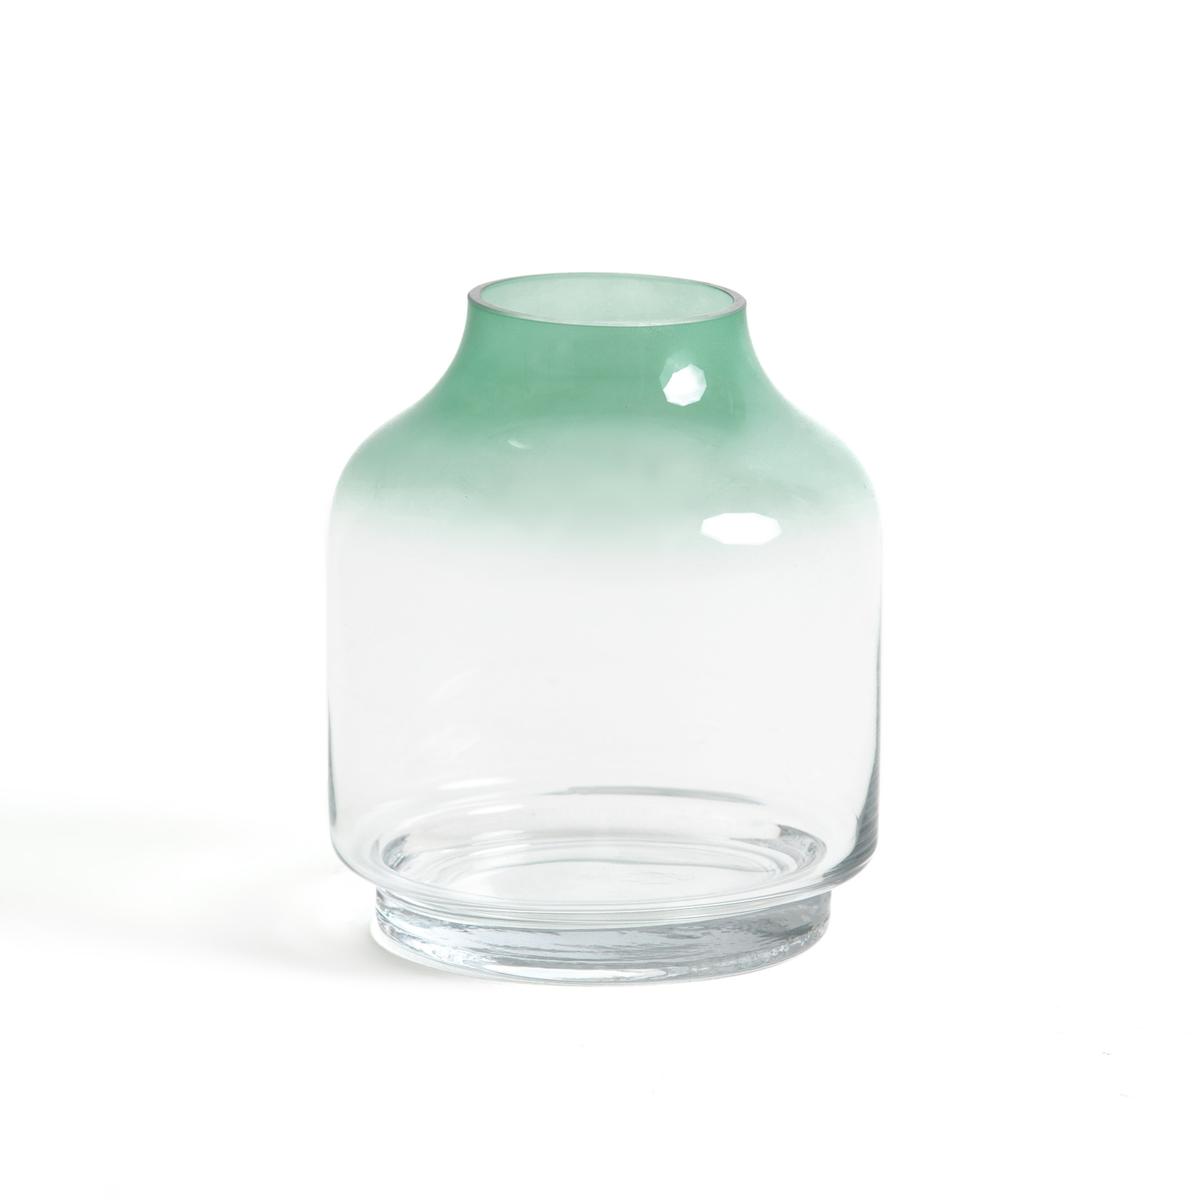 Ваза из цветного стекла, В.20 см, EPURВаза Epur с отличным сочетанием объема и прозрачности !Характеристики вазы La Redoute Int?rieurs :Ваза из стекла, верх зеленого цвета.Размеры вазы La Redoute Int?rieurs :? 17 смВысота 20 смОткройте для себя всю коллекцию декора на сайте laredoute.ru<br><br>Цвет: прозрачный/ зеленый